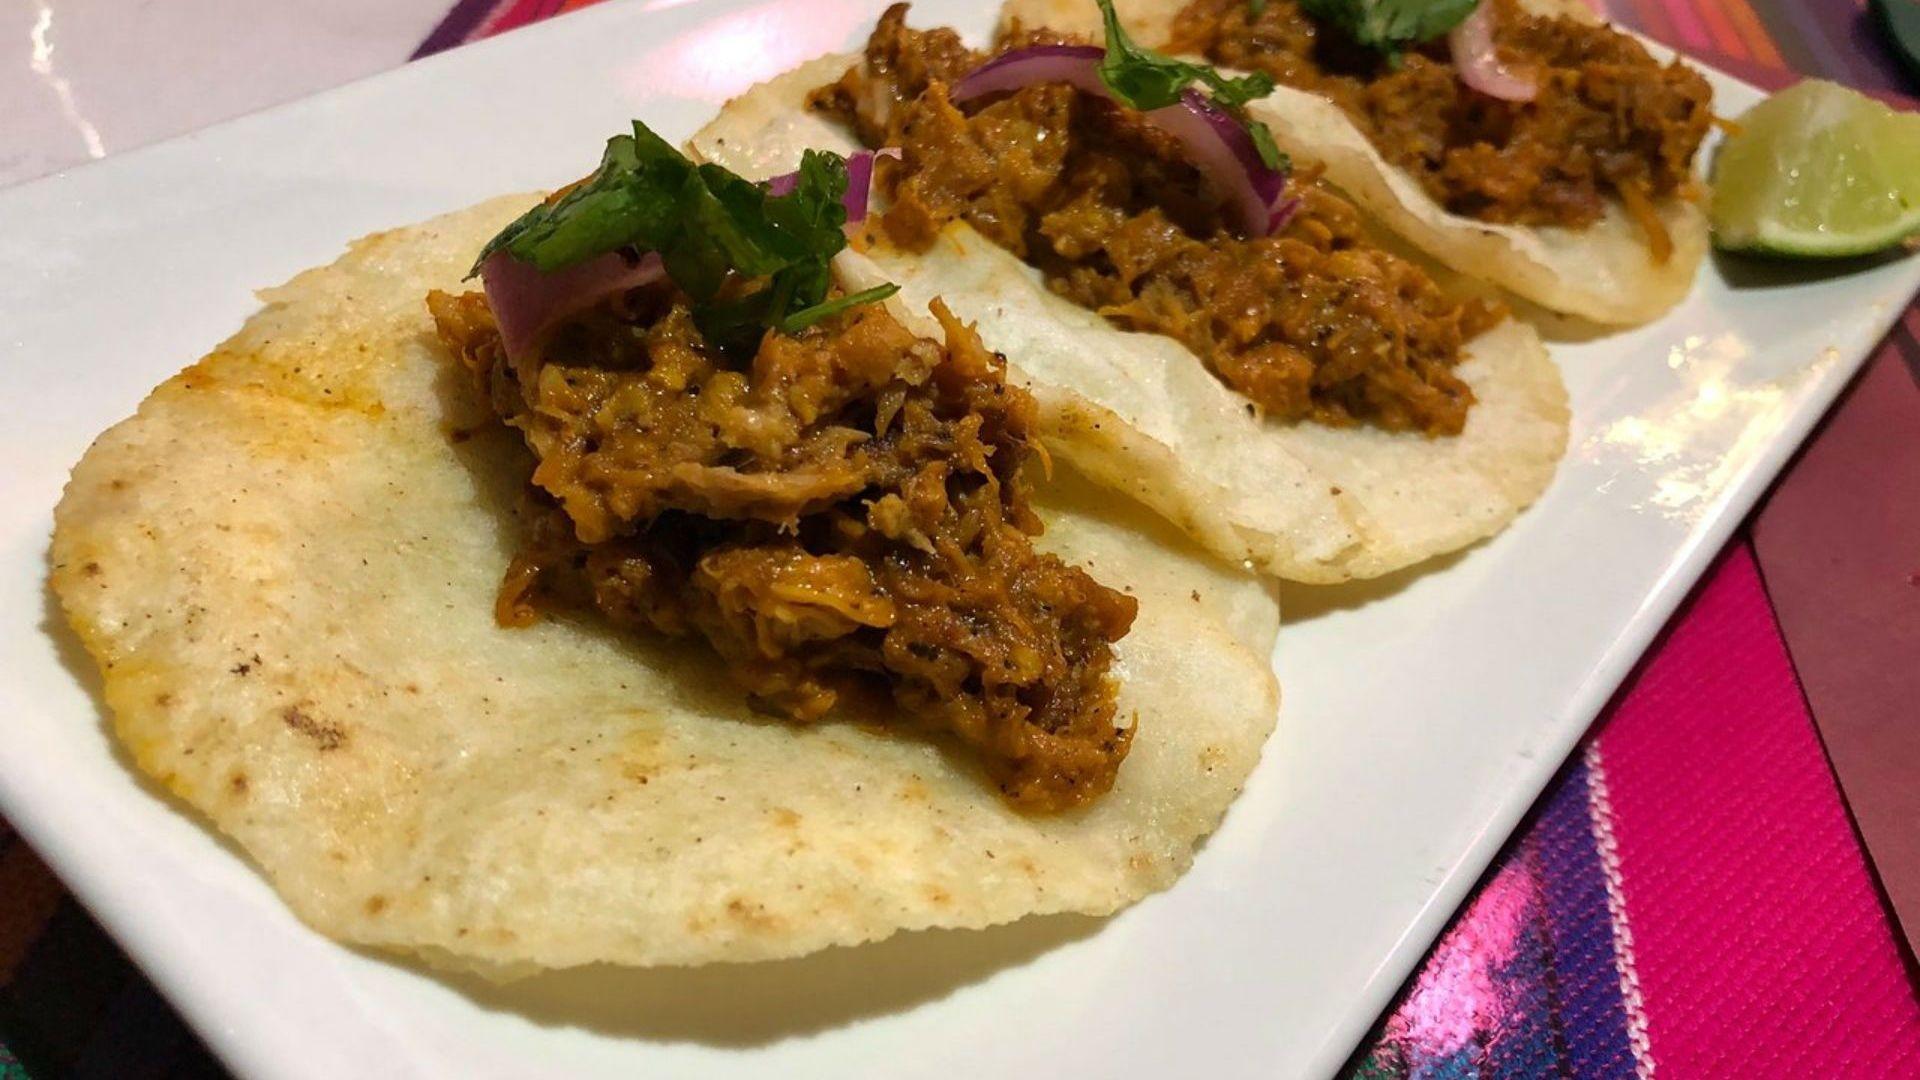 Comida mexicana en Pamplona